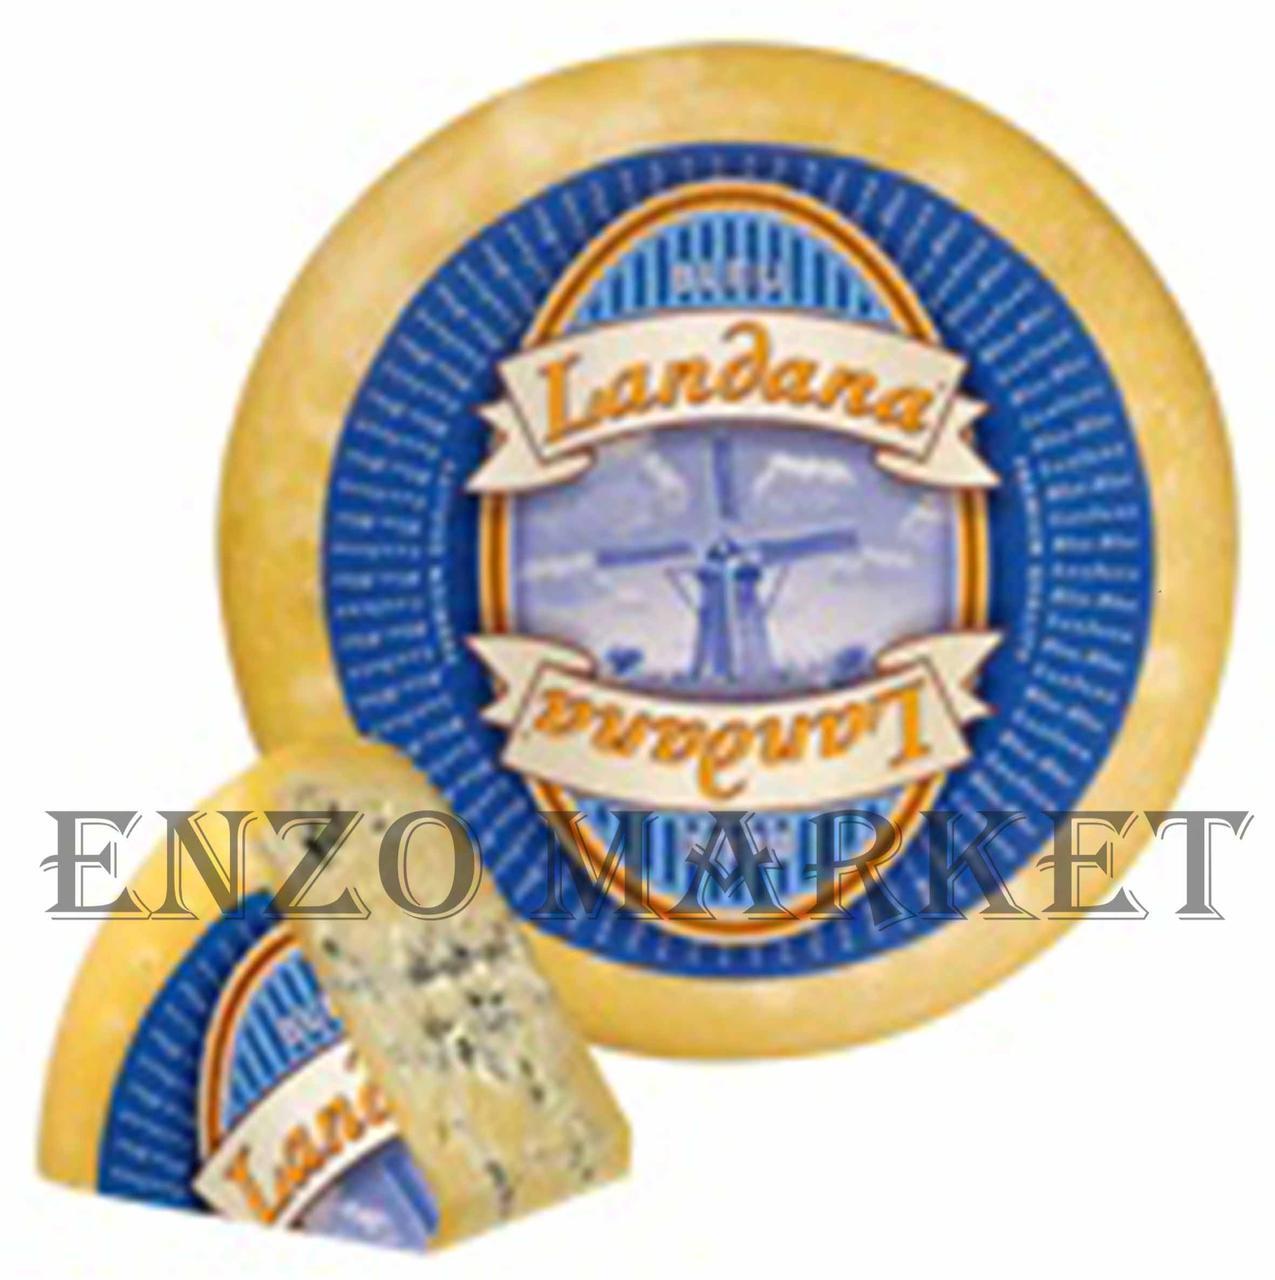 Сыр Landana Blue (Синяя плесень) 60%, 1 кг